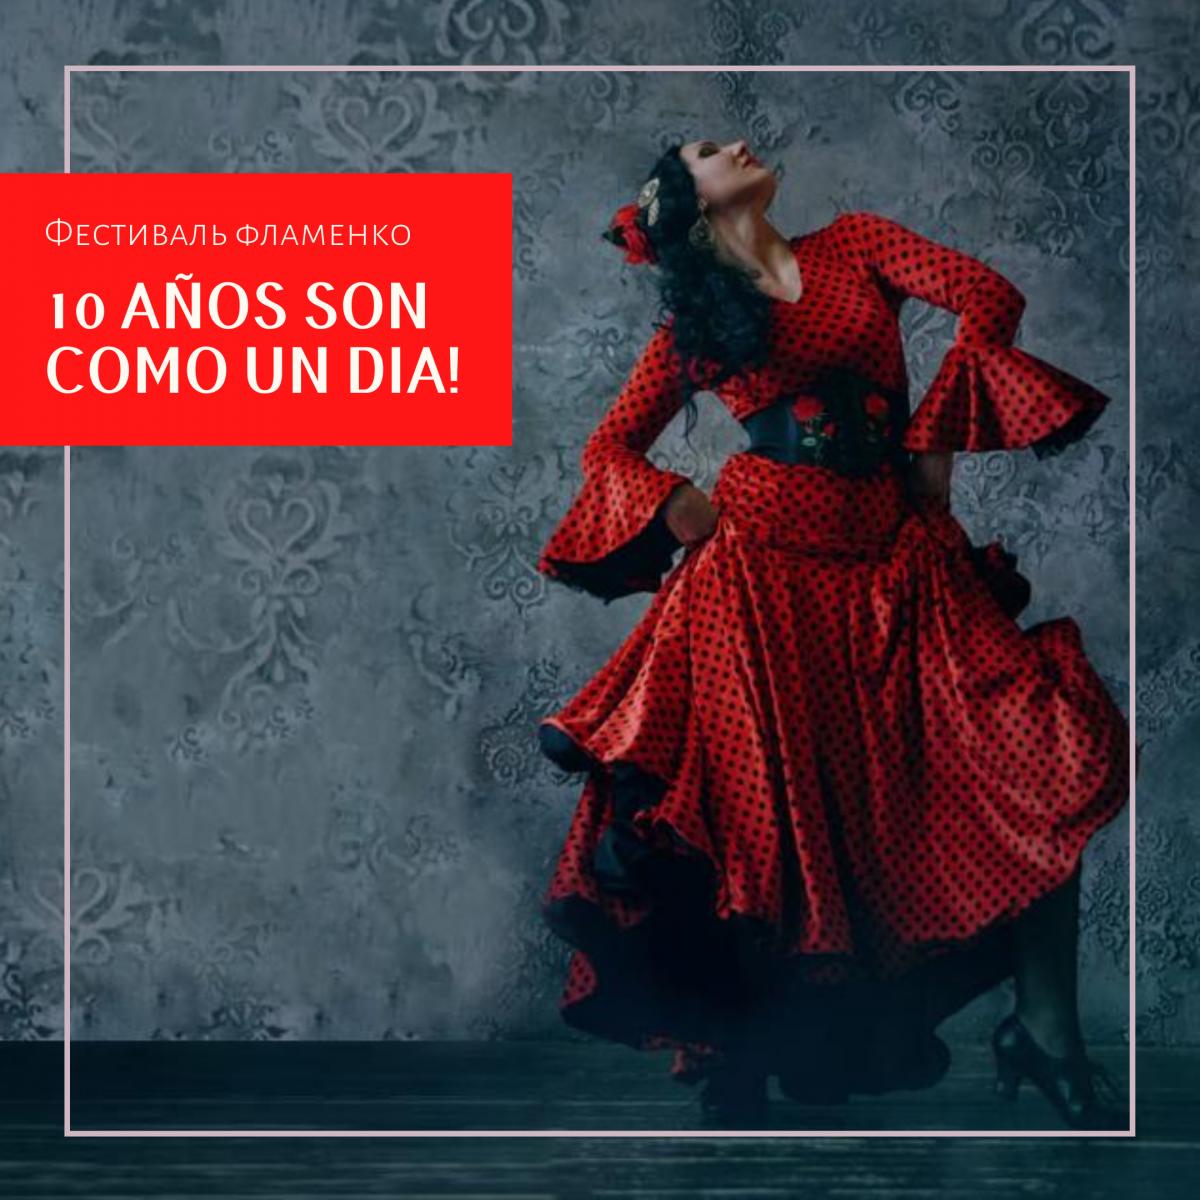 Flamenco fest